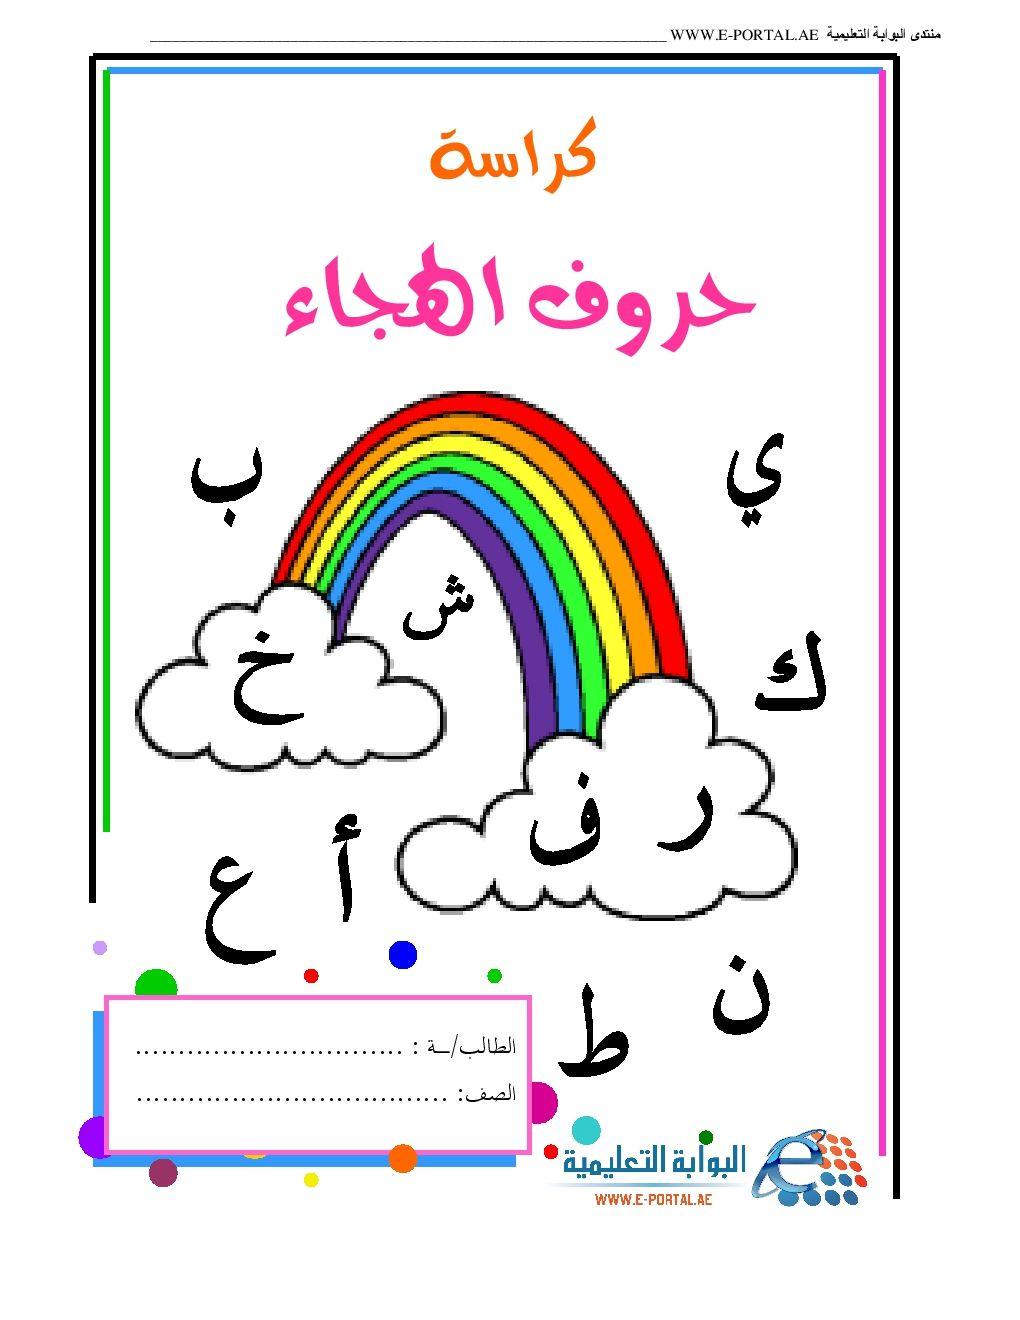 حروف الهجاء كراسة حروف الهجاء لتعليم الاطفال الحروف الهجائية مرحلة الروضة Arabic Alphabet For Kids Arabic Kids Alphabet Preschool